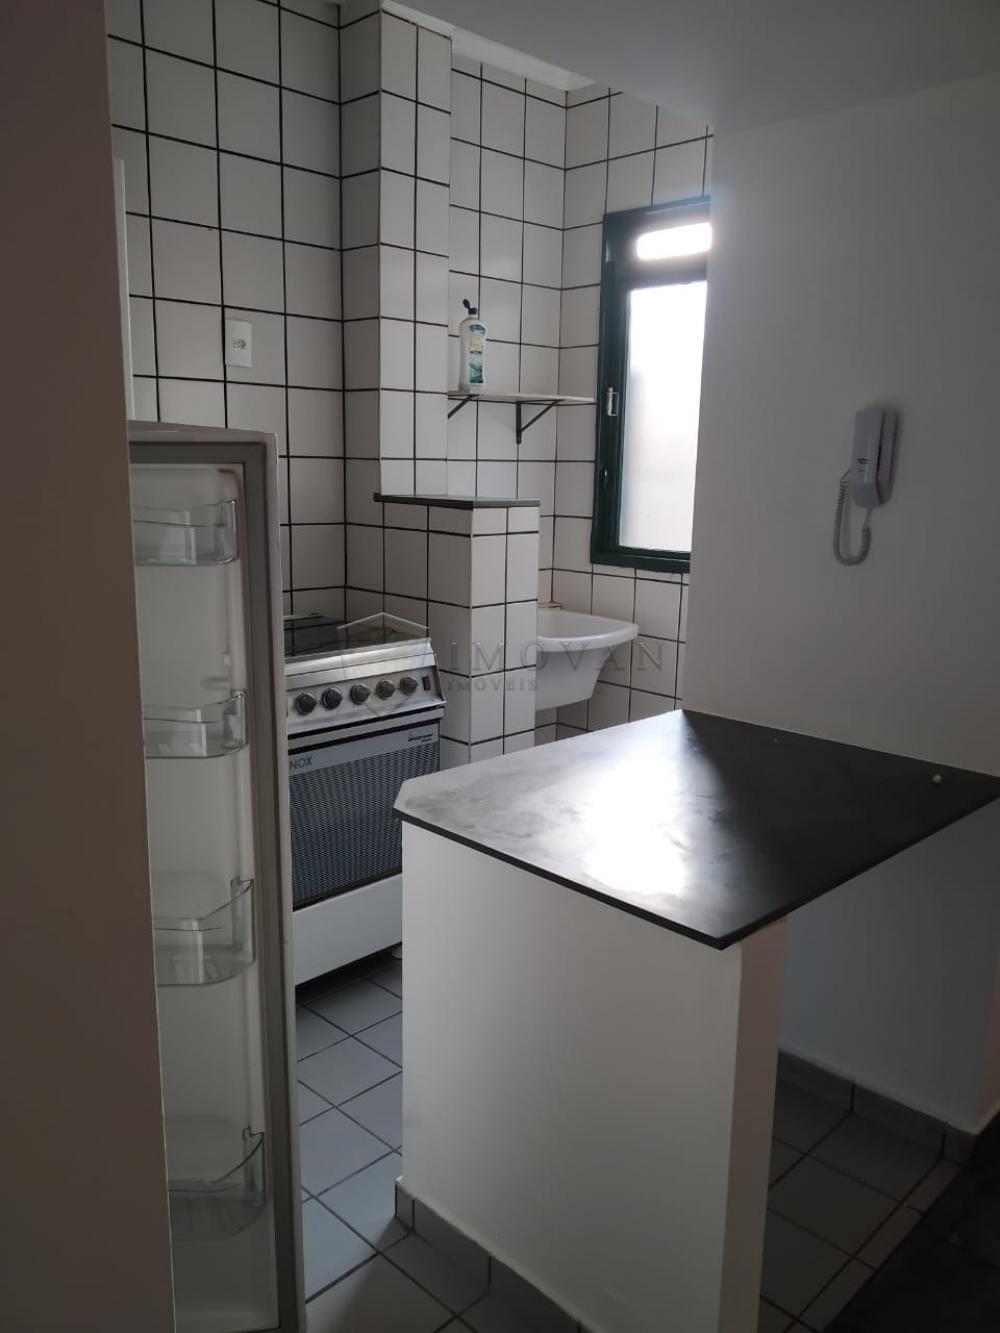 Comprar Apartamento / Padrão em Ribeirão Preto R$ 115.000,00 - Foto 5